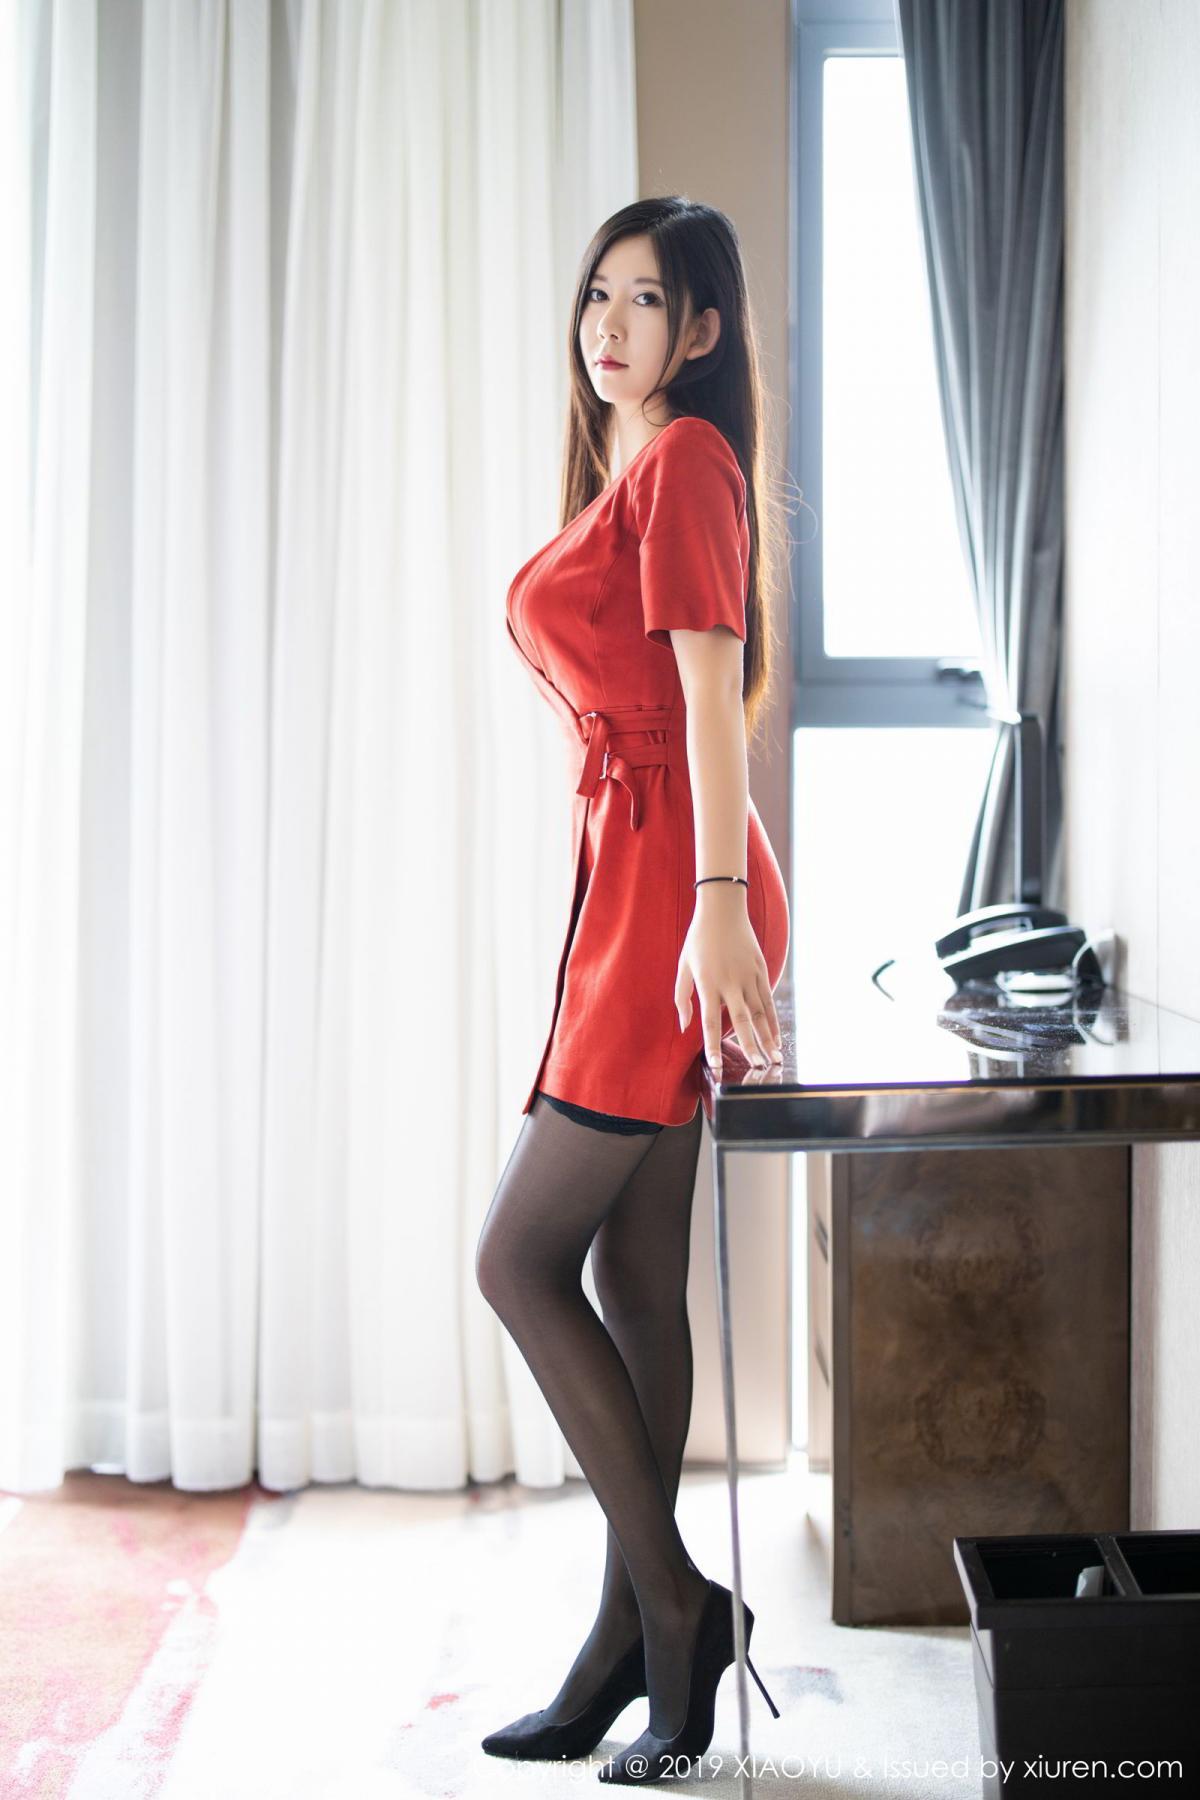 [XiaoYu] Vol.166 Li Ya 4P, Li Ya, Underwear, XiaoYu